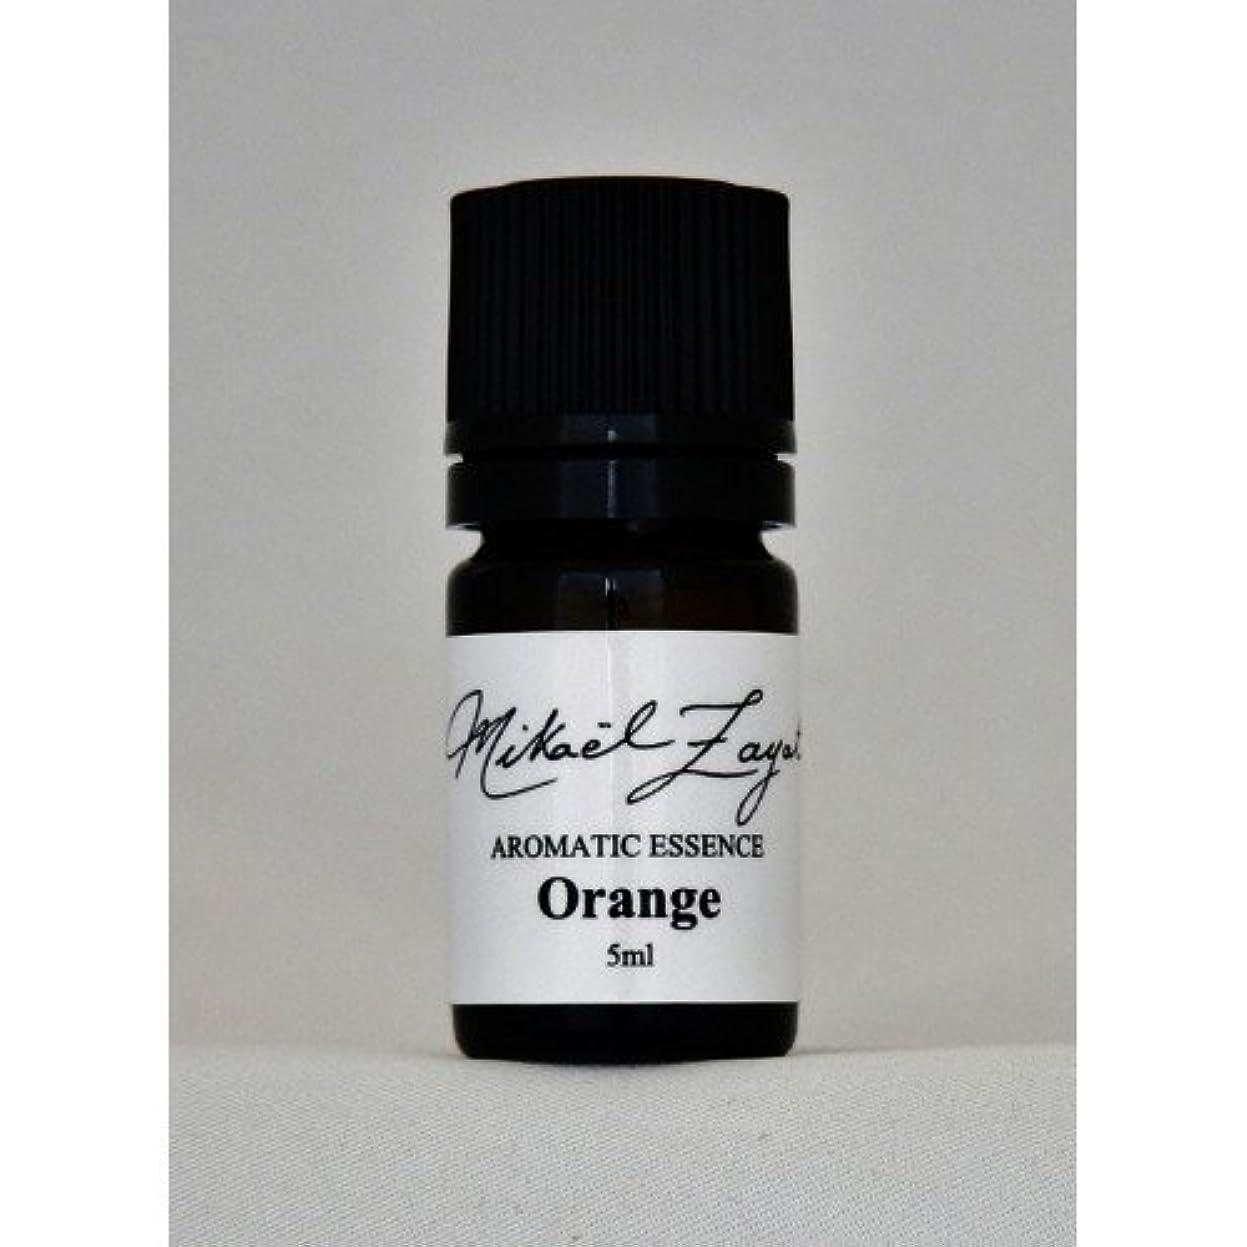 高齢者屋内でむさぼり食うミカエル?ザヤット アロマティックエッセンス オレンジ 10ml Orange 10ml 日本国内正規品